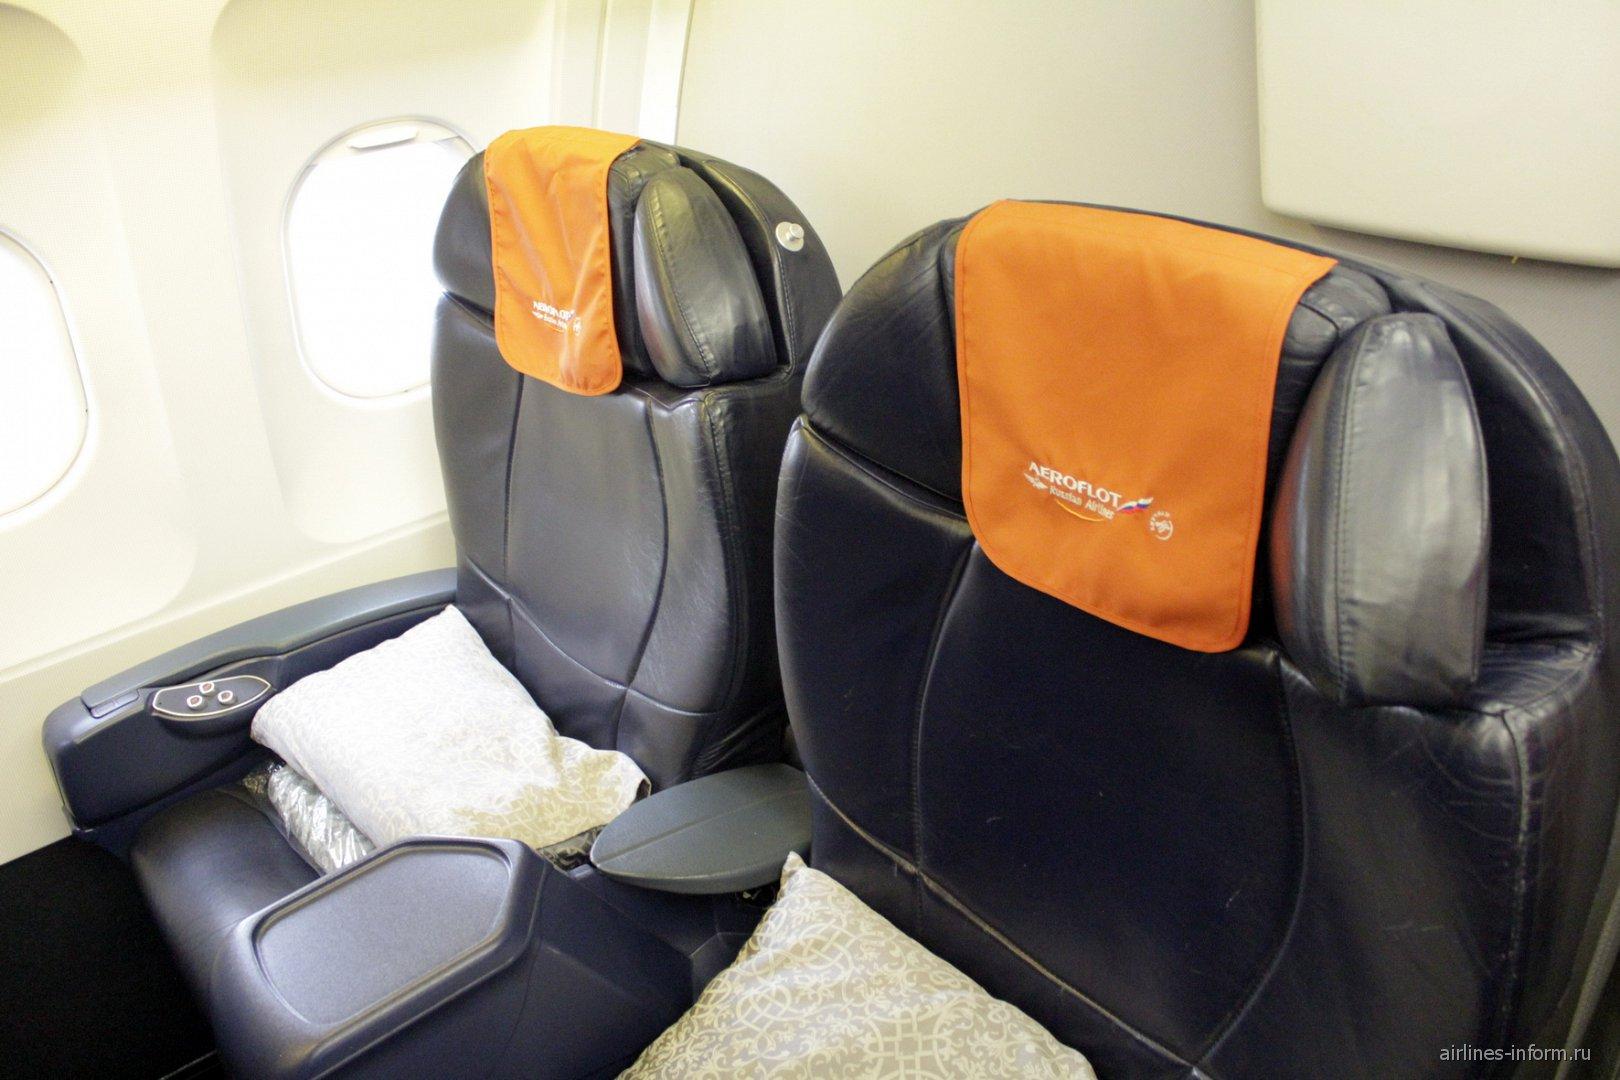 Кресла в бизнес-классе в самолете Airbus A320 Аэрофлота